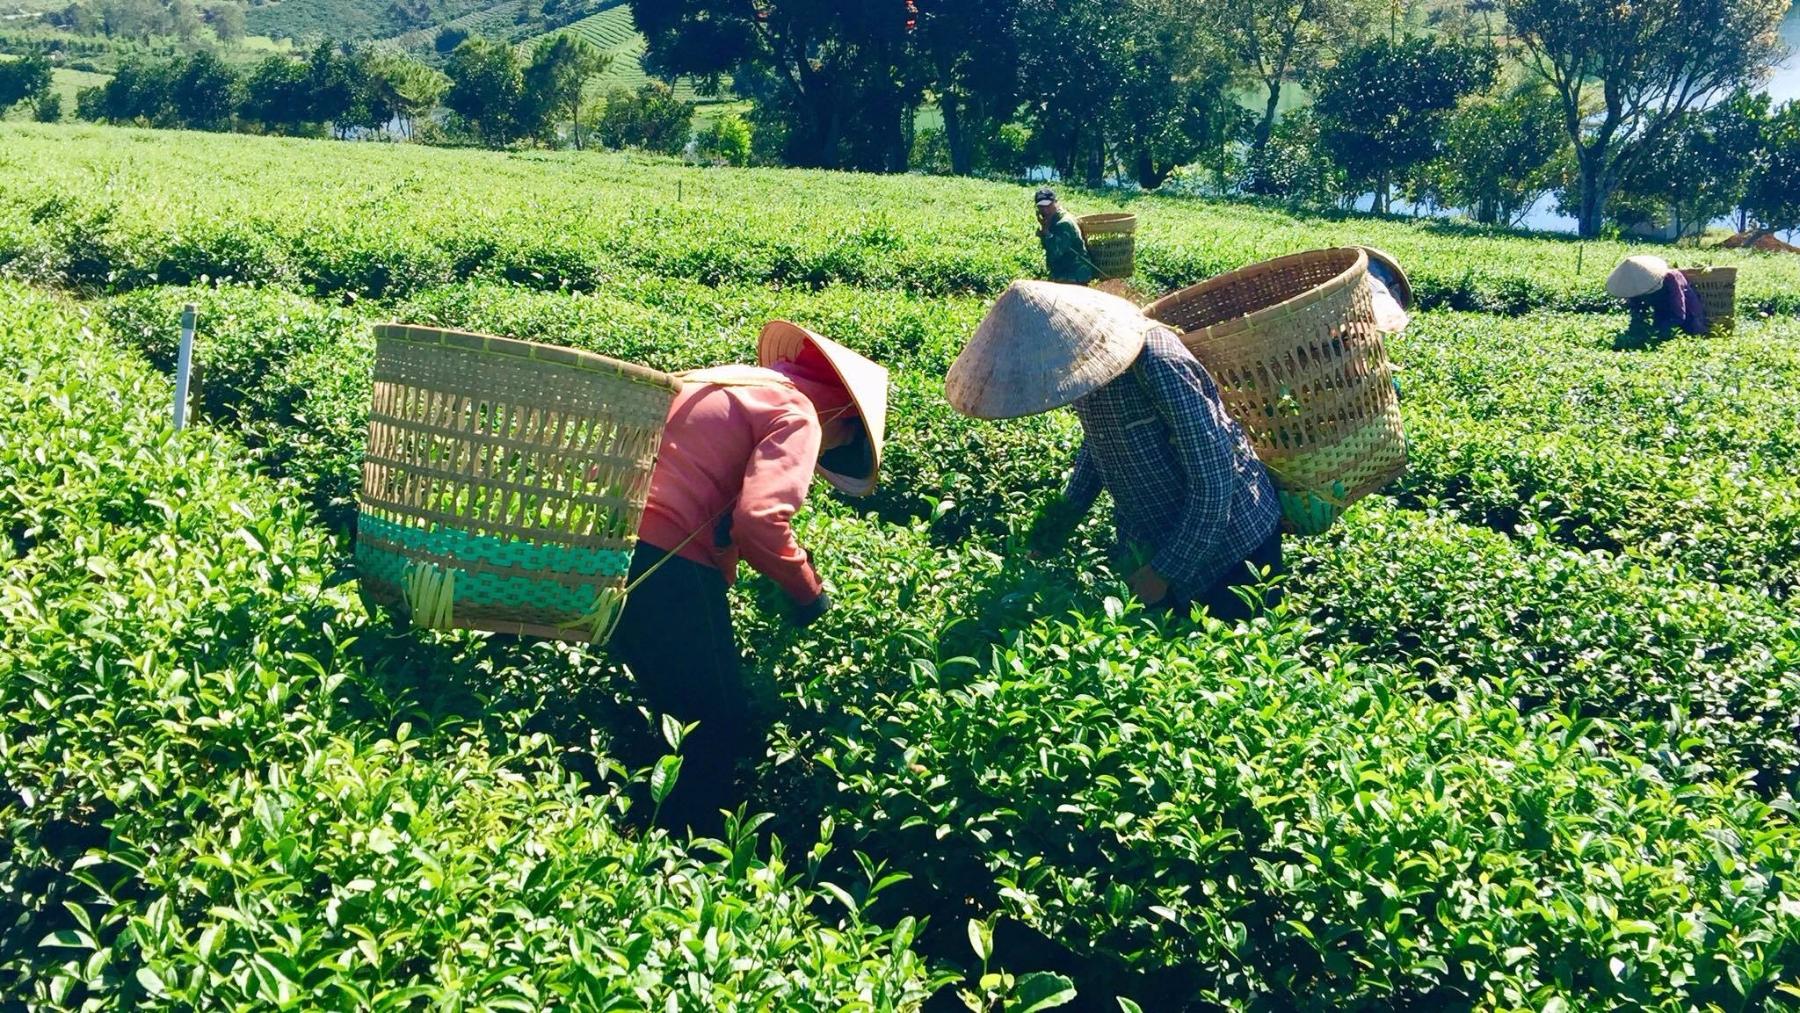 Nông dân hái chè tại đồi chè Tâm Châu - Đamb'ri